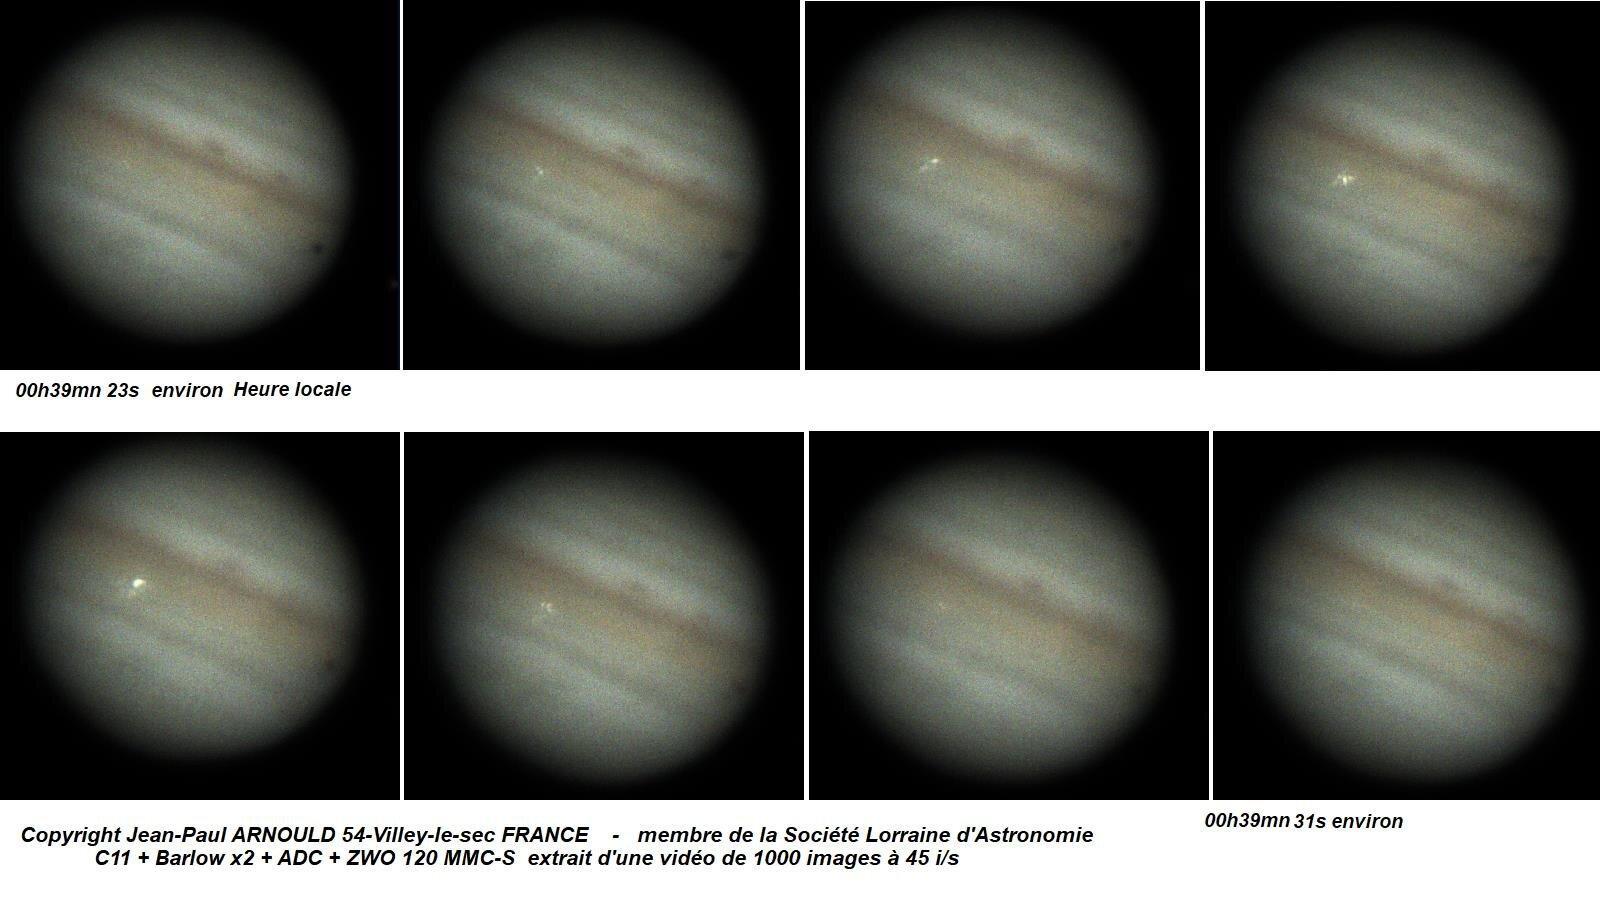 Something big just hit Jupiter